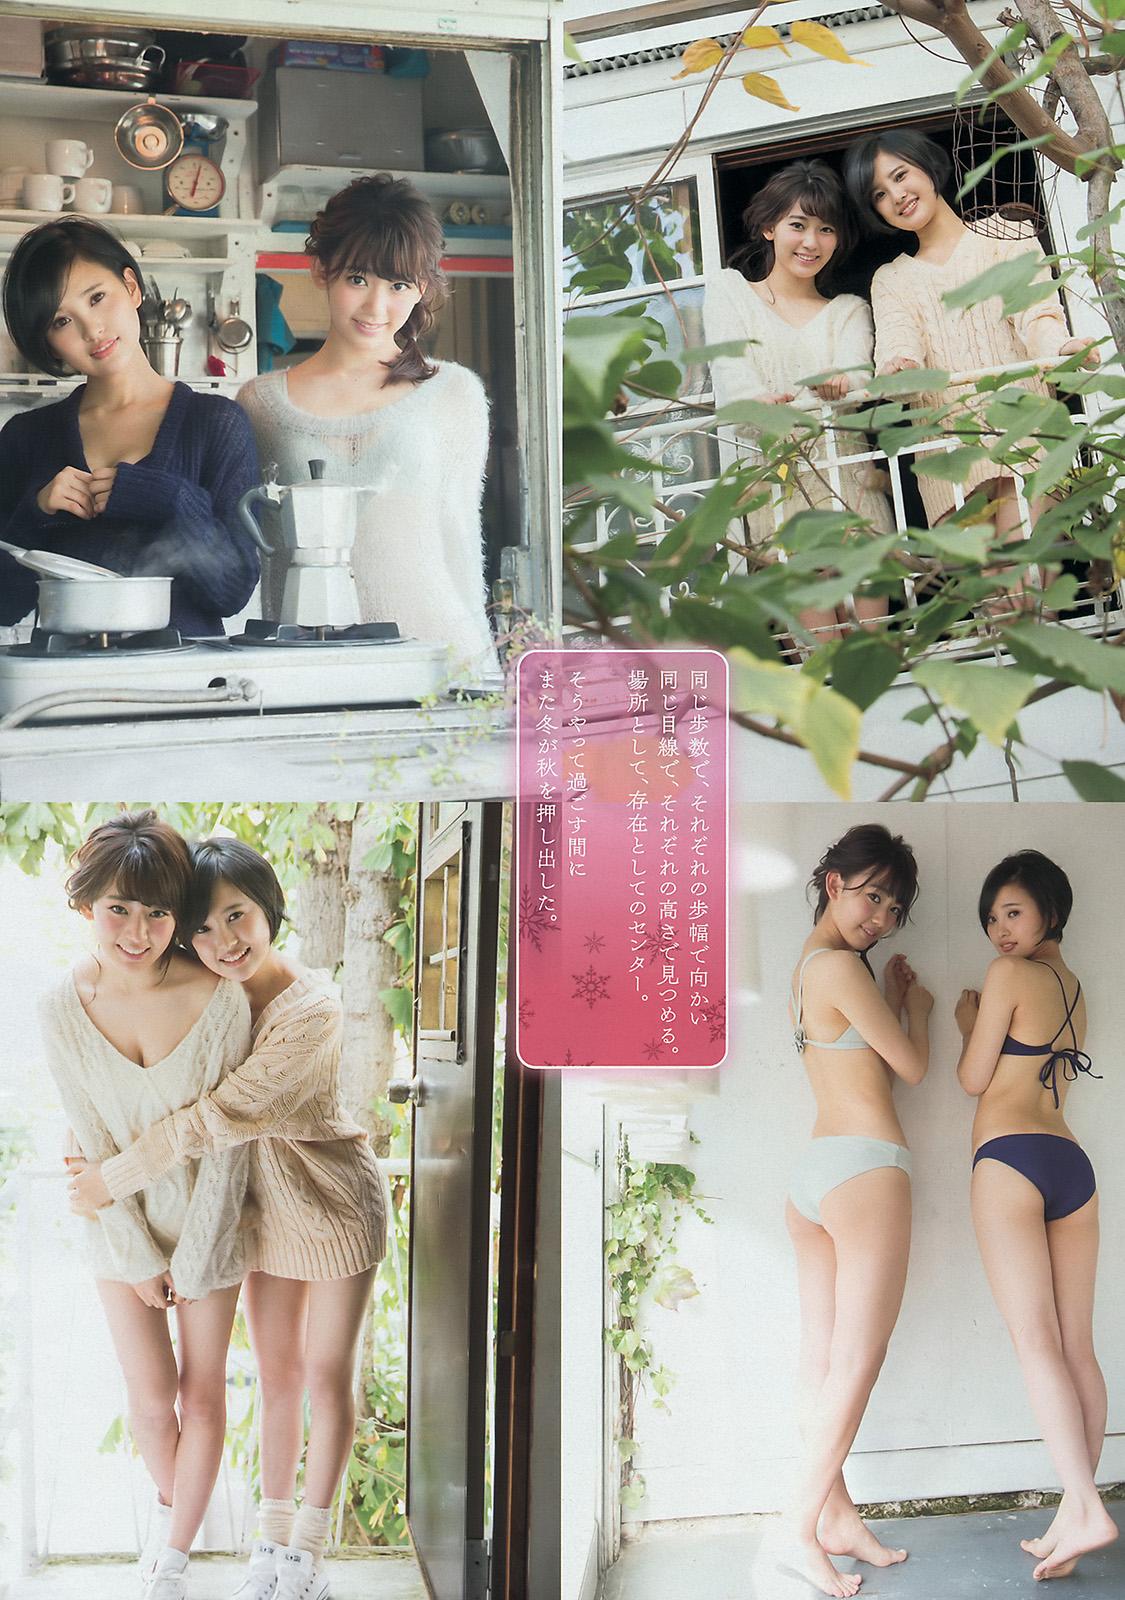 HKT48 Miyawaki Sakura 宮脇咲良 x Kodama Haruka 兒玉遥 Young Magazine No 53 2015 02